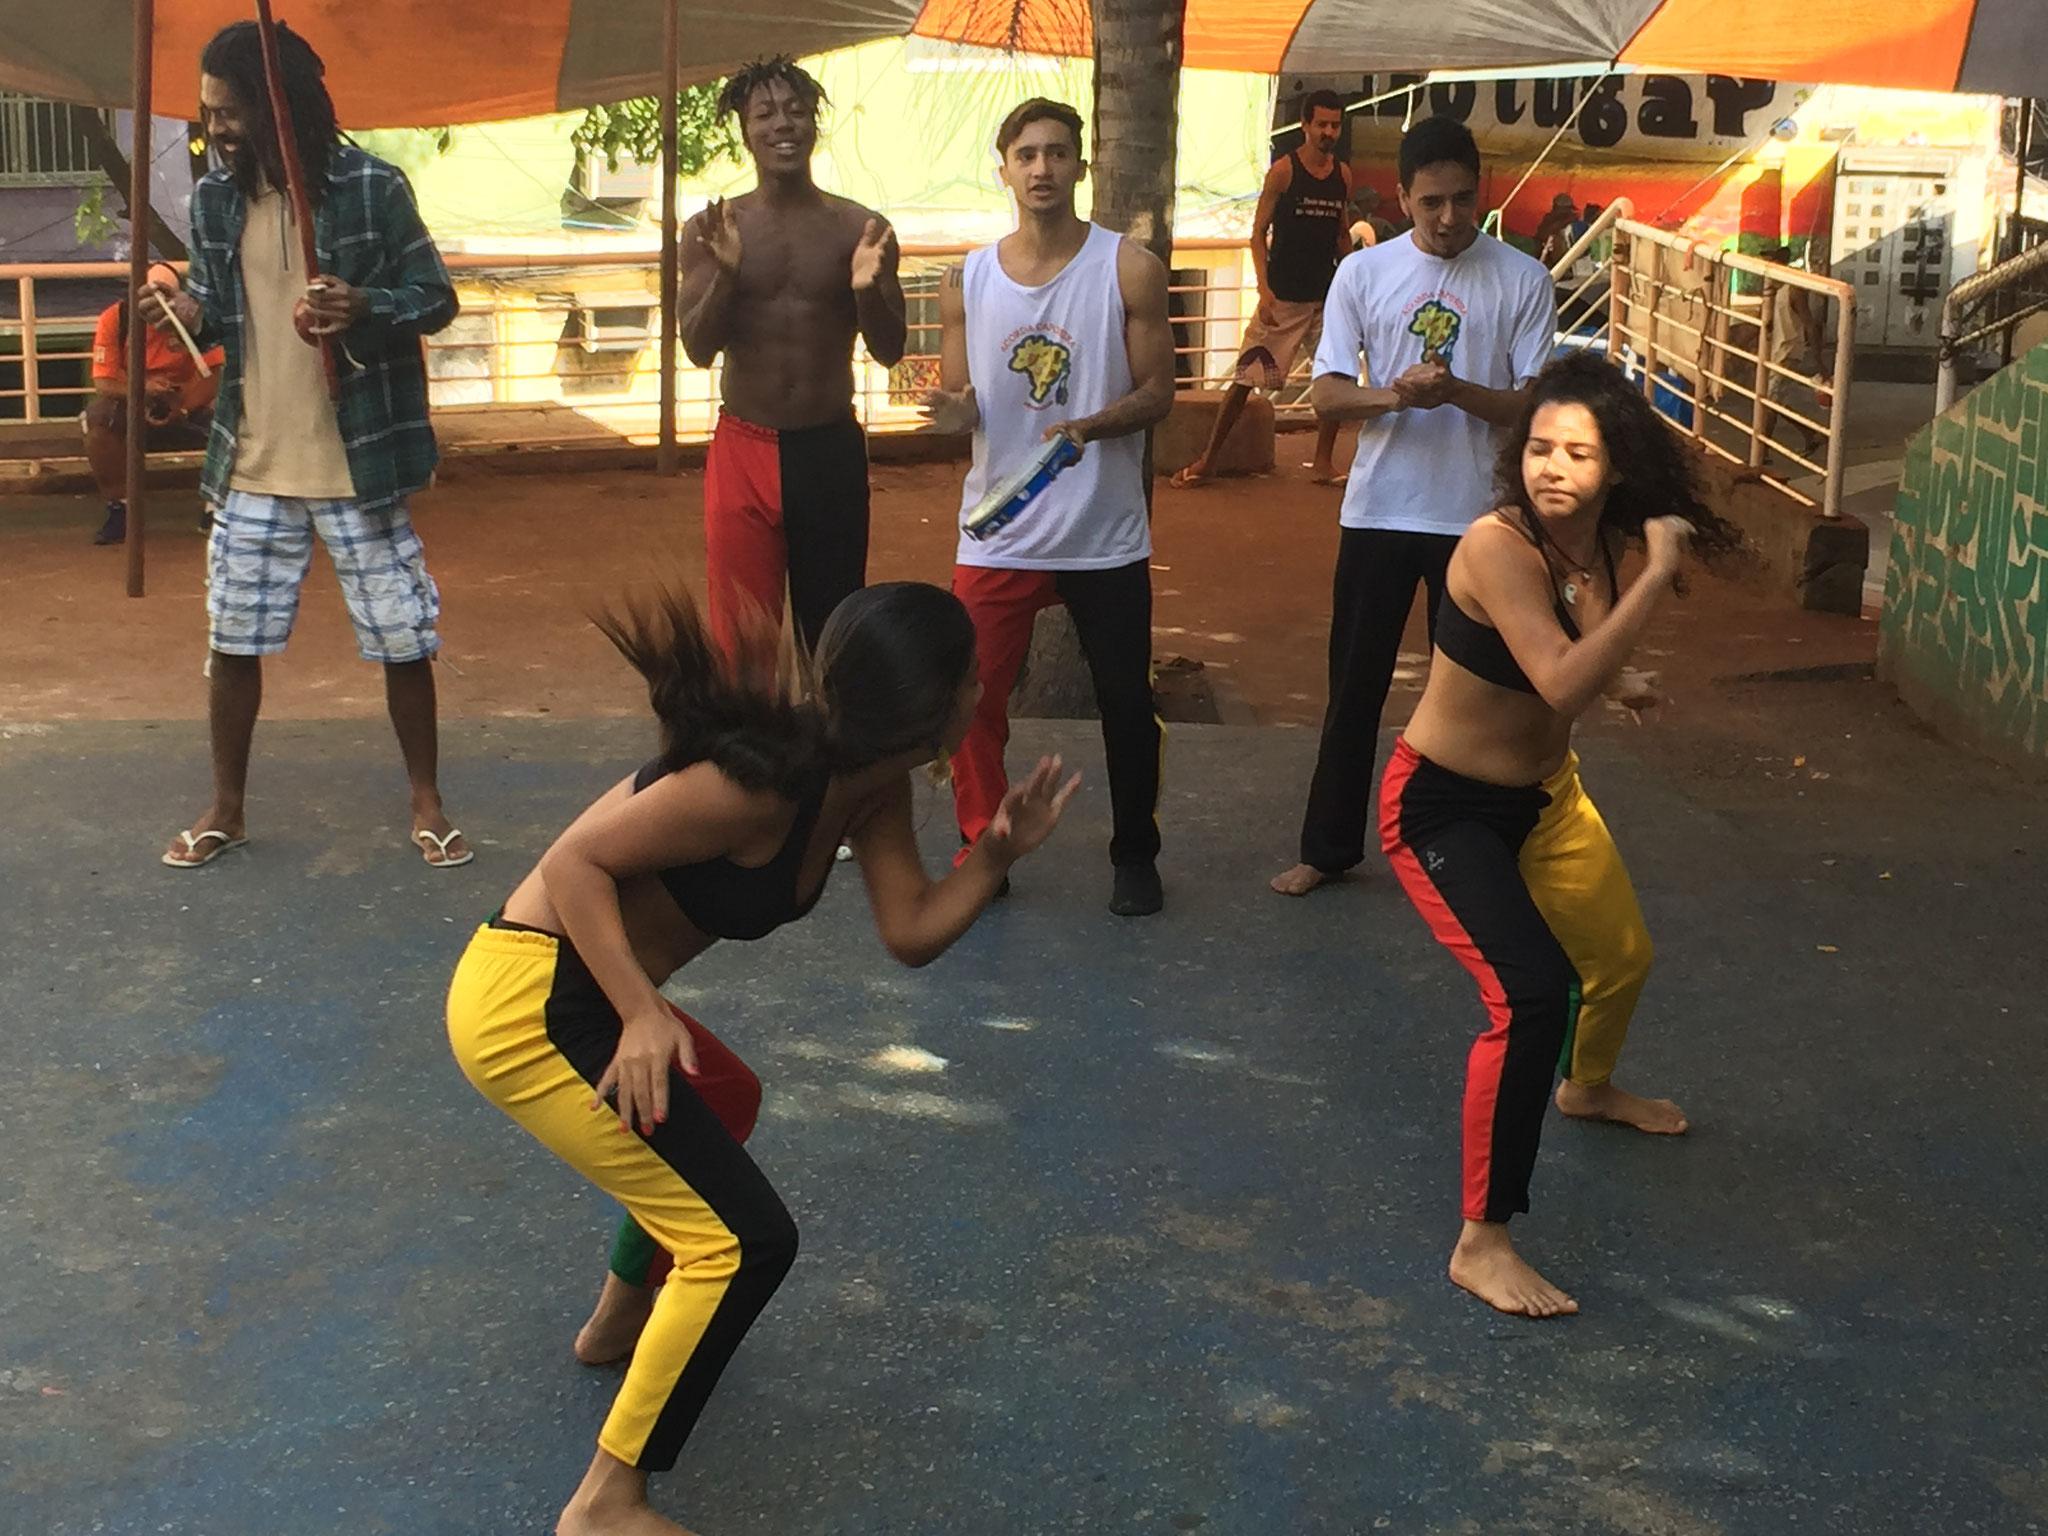 Sambatanzen in der Favela